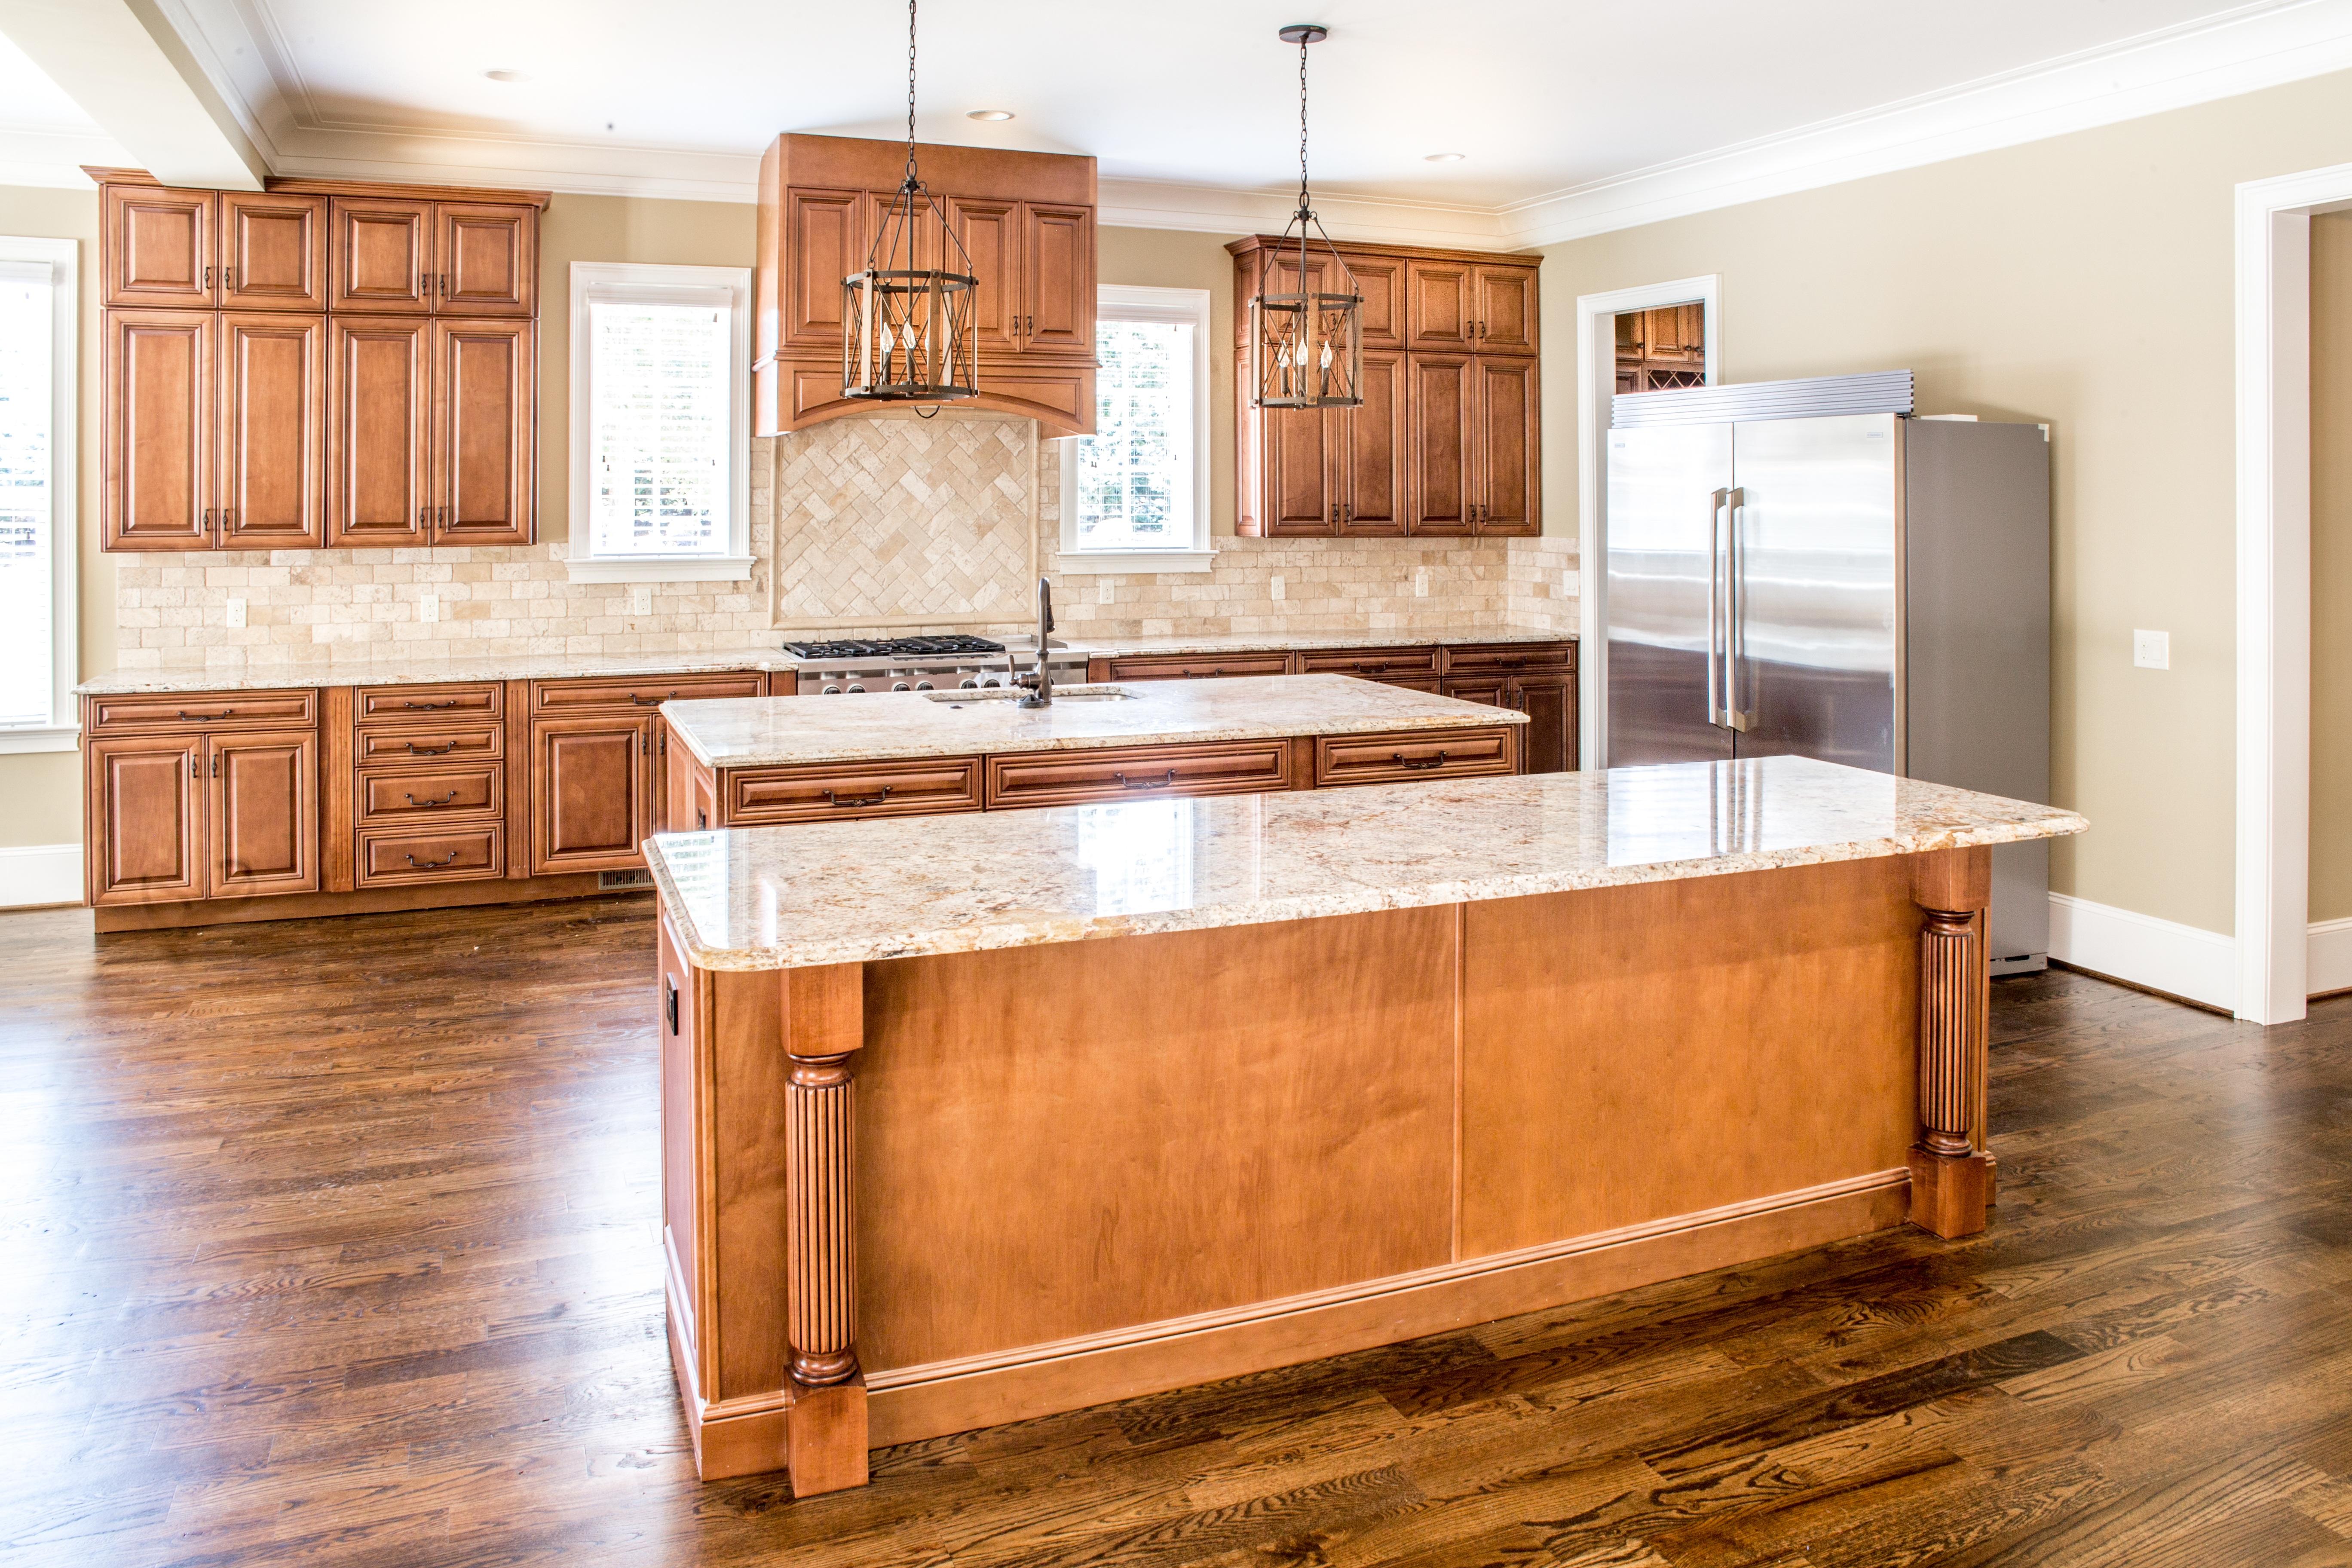 무료 이미지 : 목재, 집, 부엌, 재산, 가구, 수조, 인테리어 디자인 ...